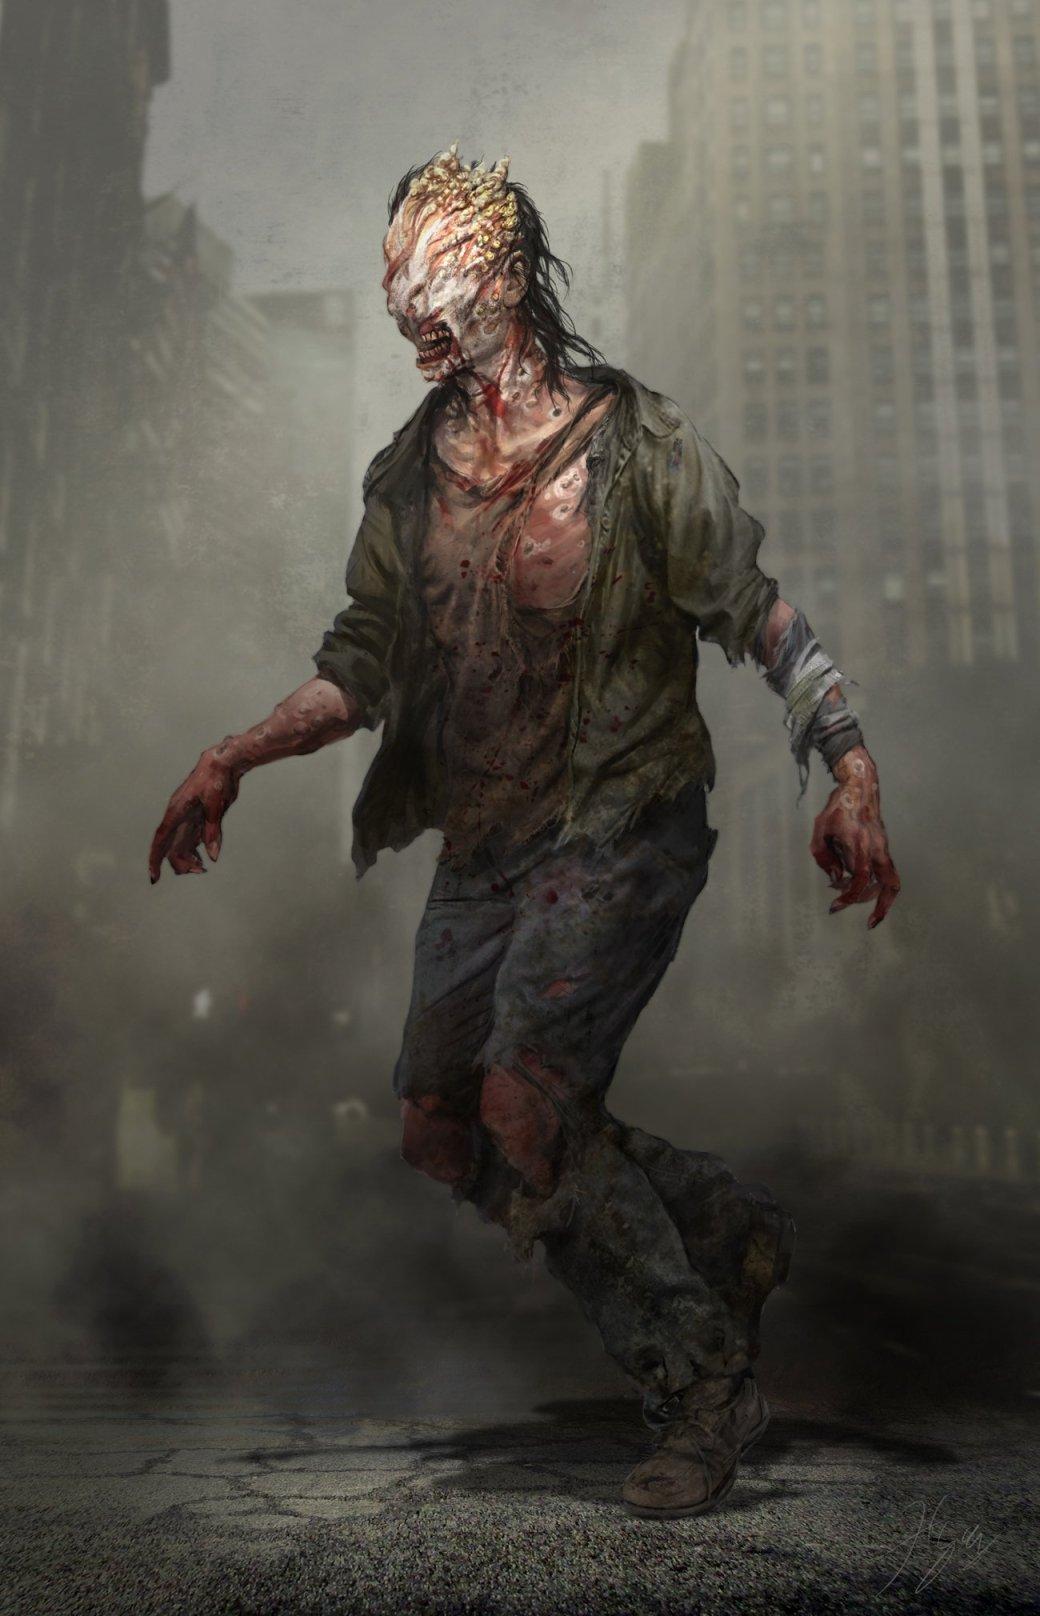 Разработчик The Last of Us выложил свои наработки в сеть - Изображение 35